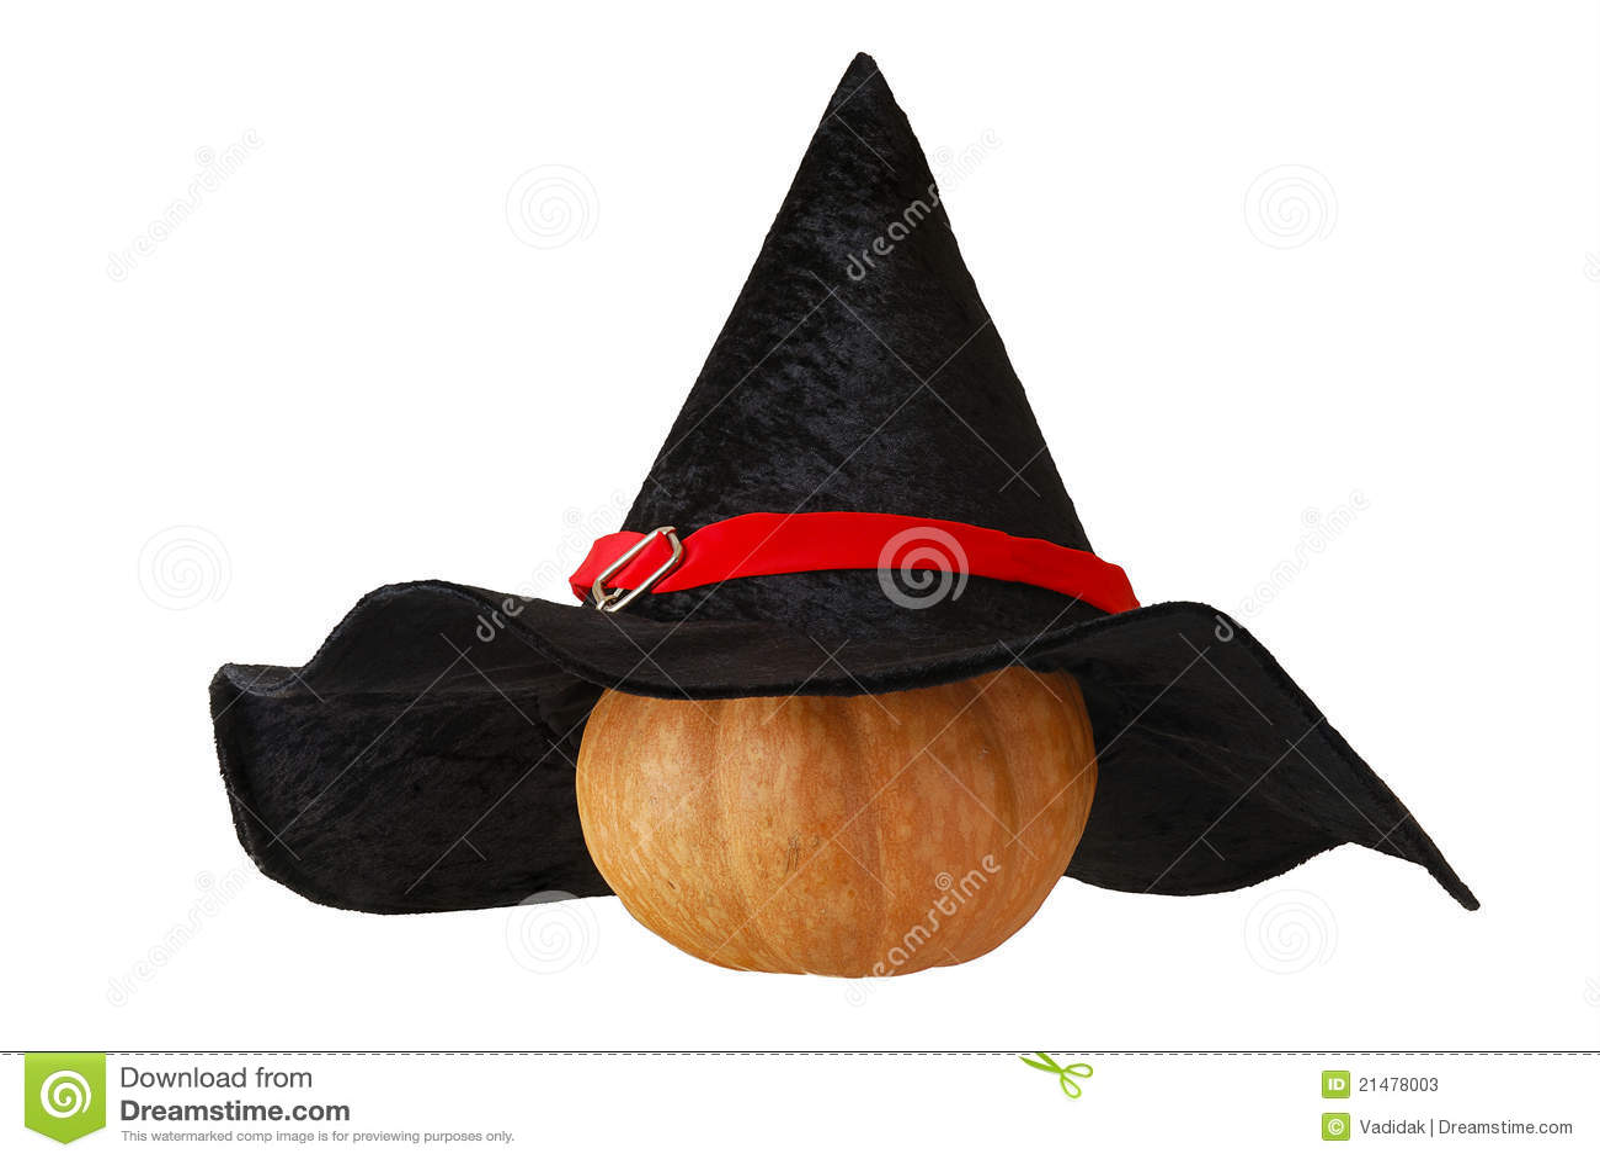 Как сделать остроконечную шляпу ведьмы